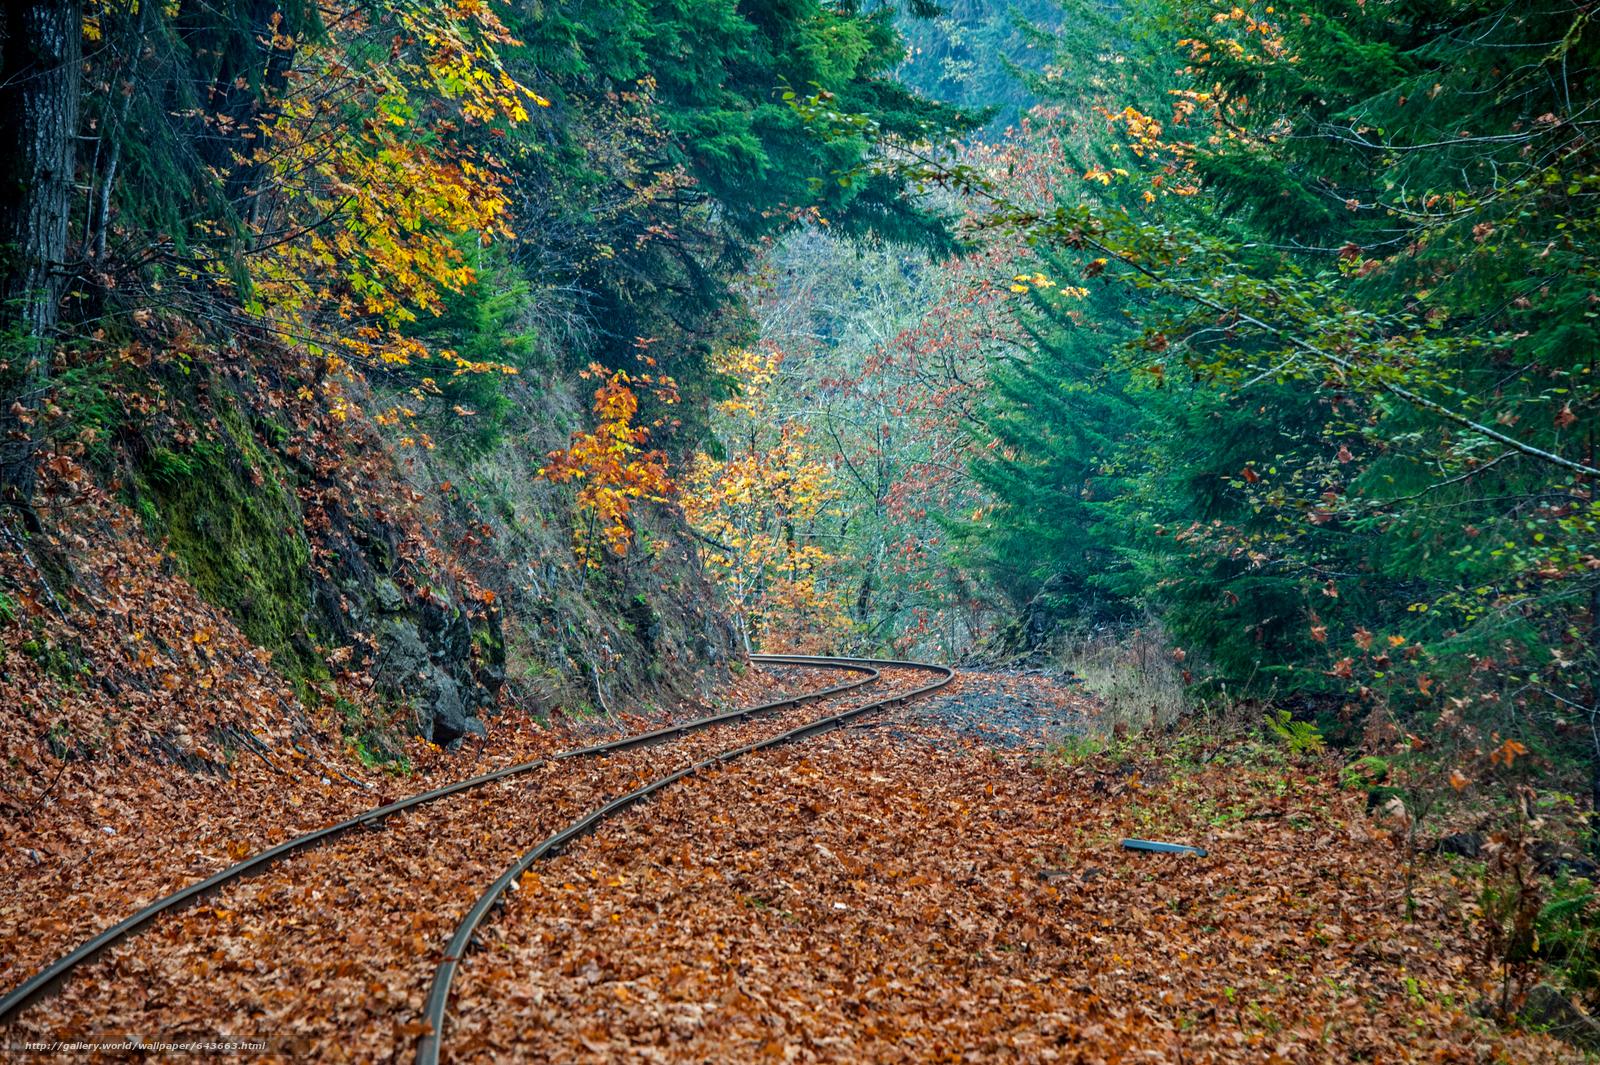 Скачать обои железная дорога,  лес,  деревья,  осень бесплатно для рабочего стола в разрешении 4256x2832 — картинка №643663